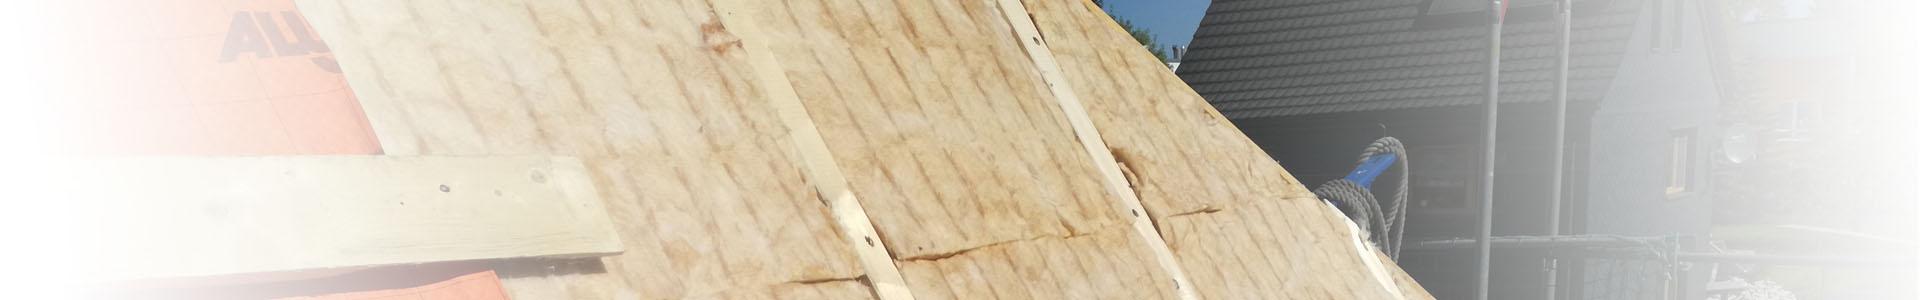 Zwischensparrendämmung bei einer Dachsanierung von Außen